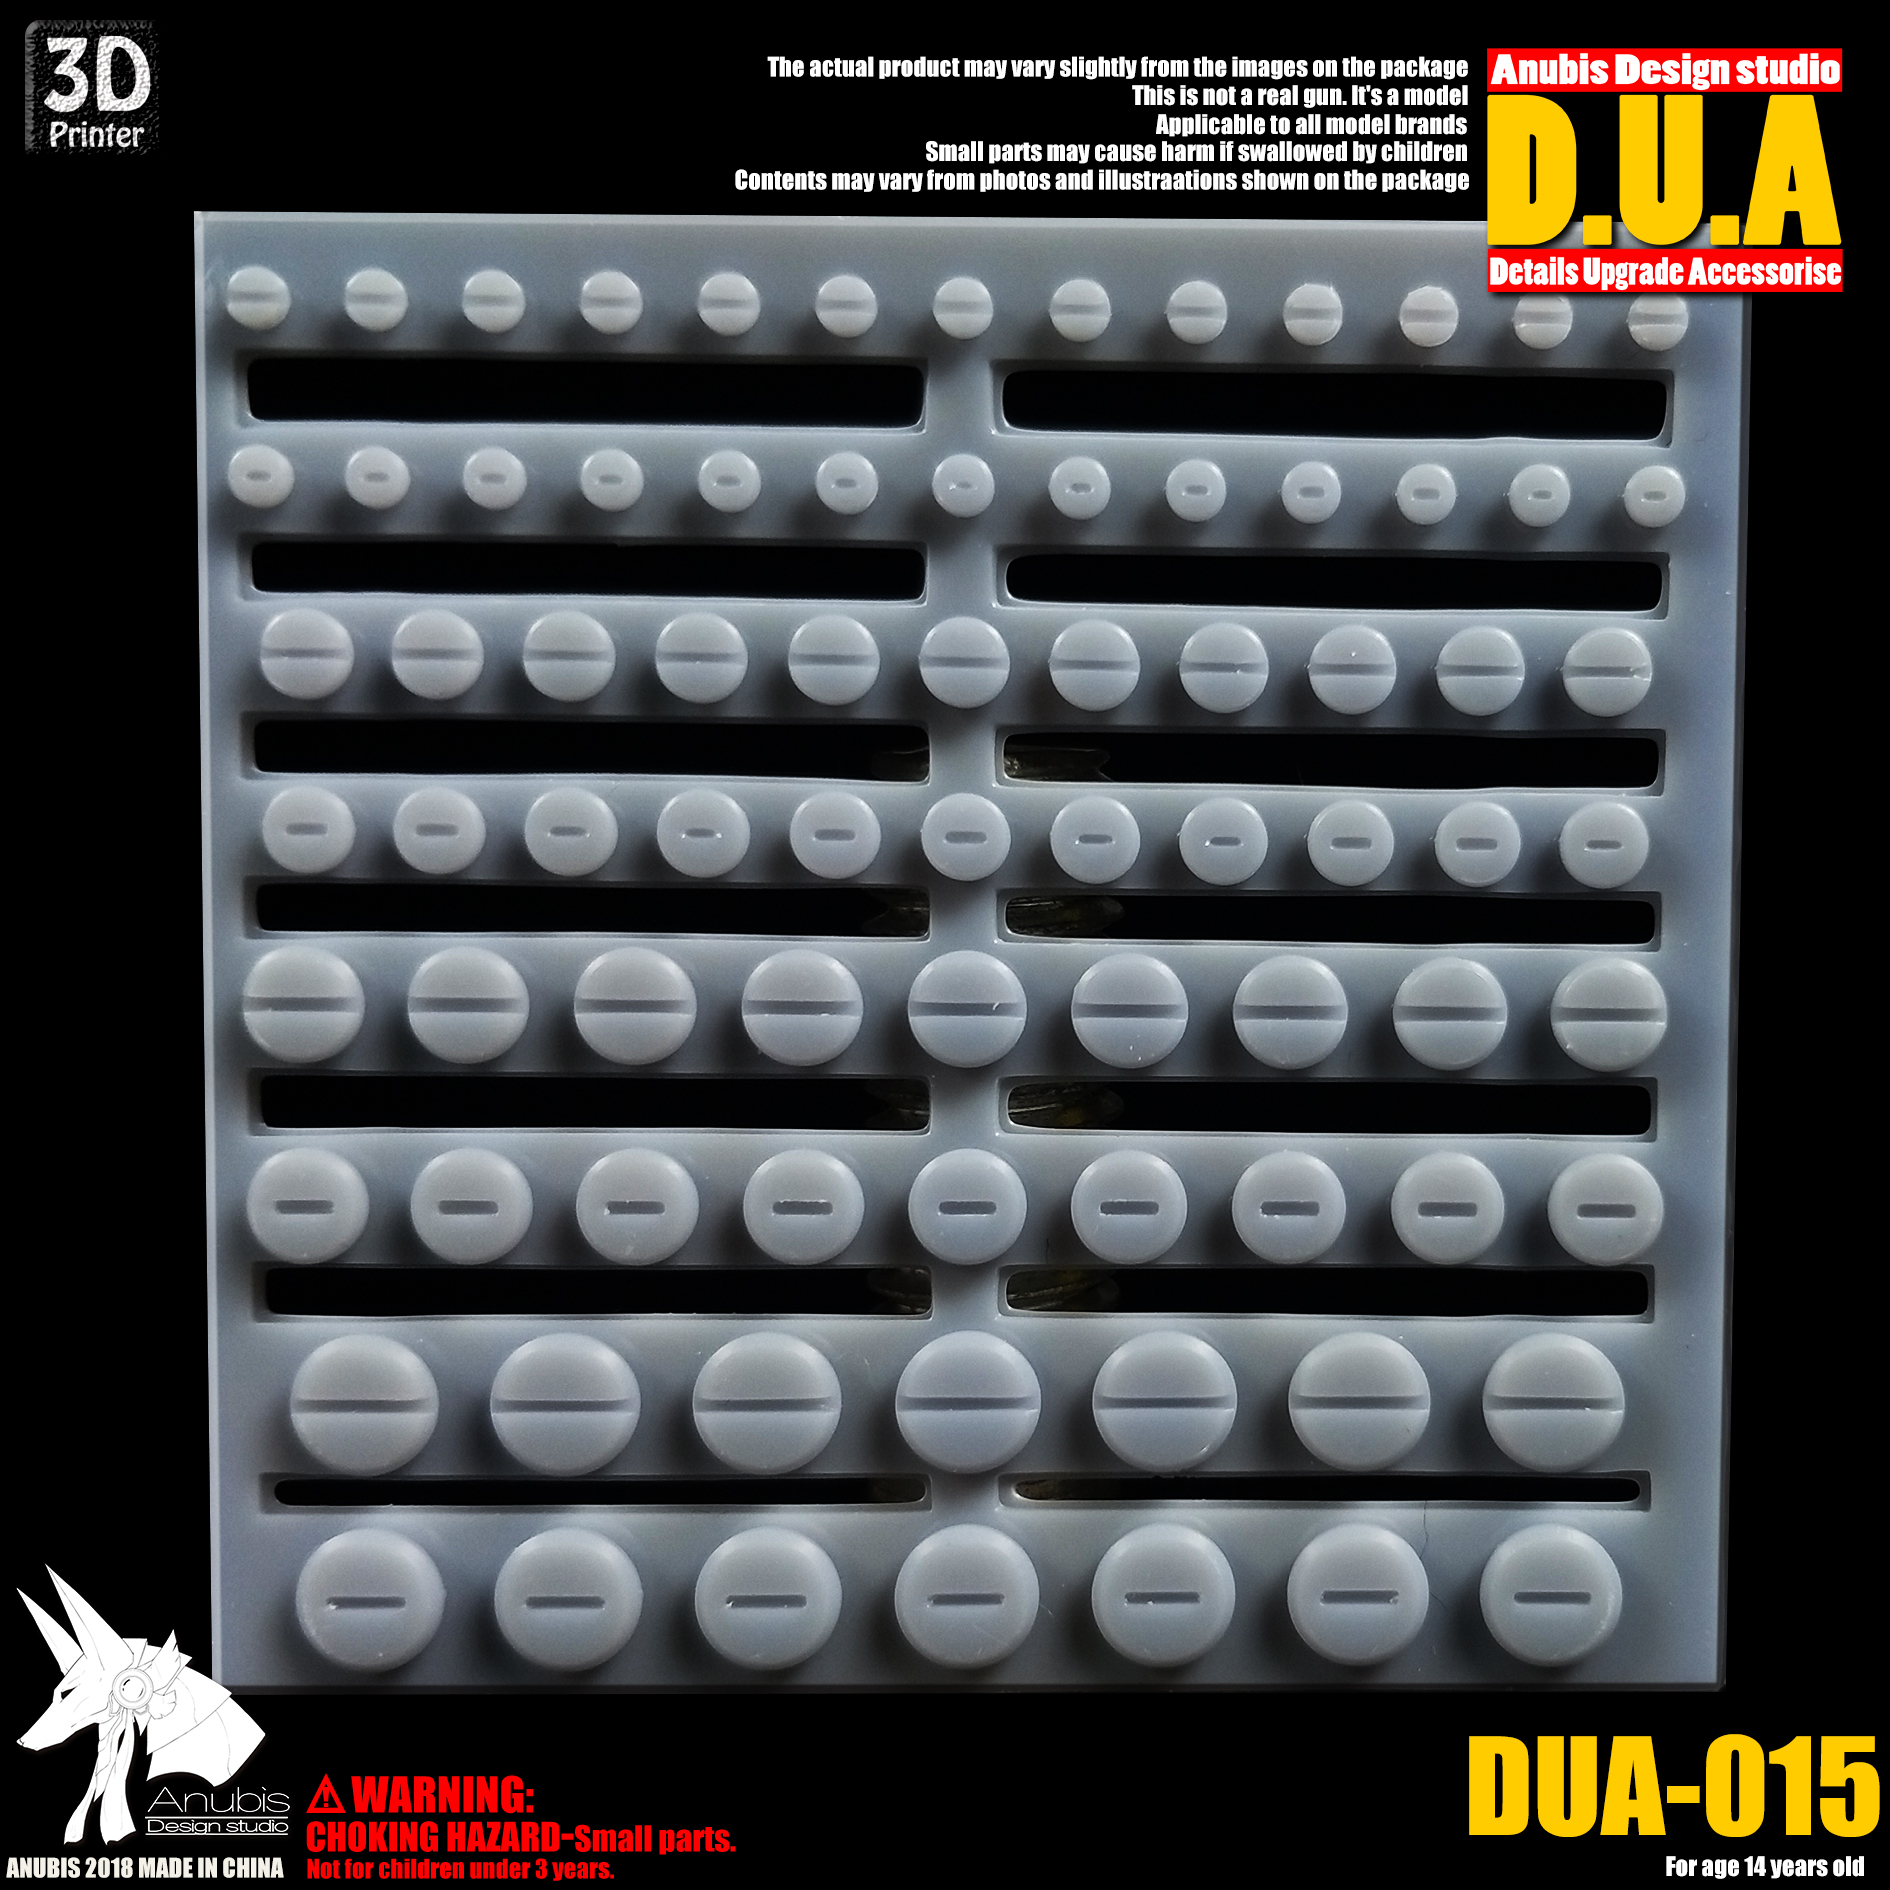 G413_DUA015_006.jpg